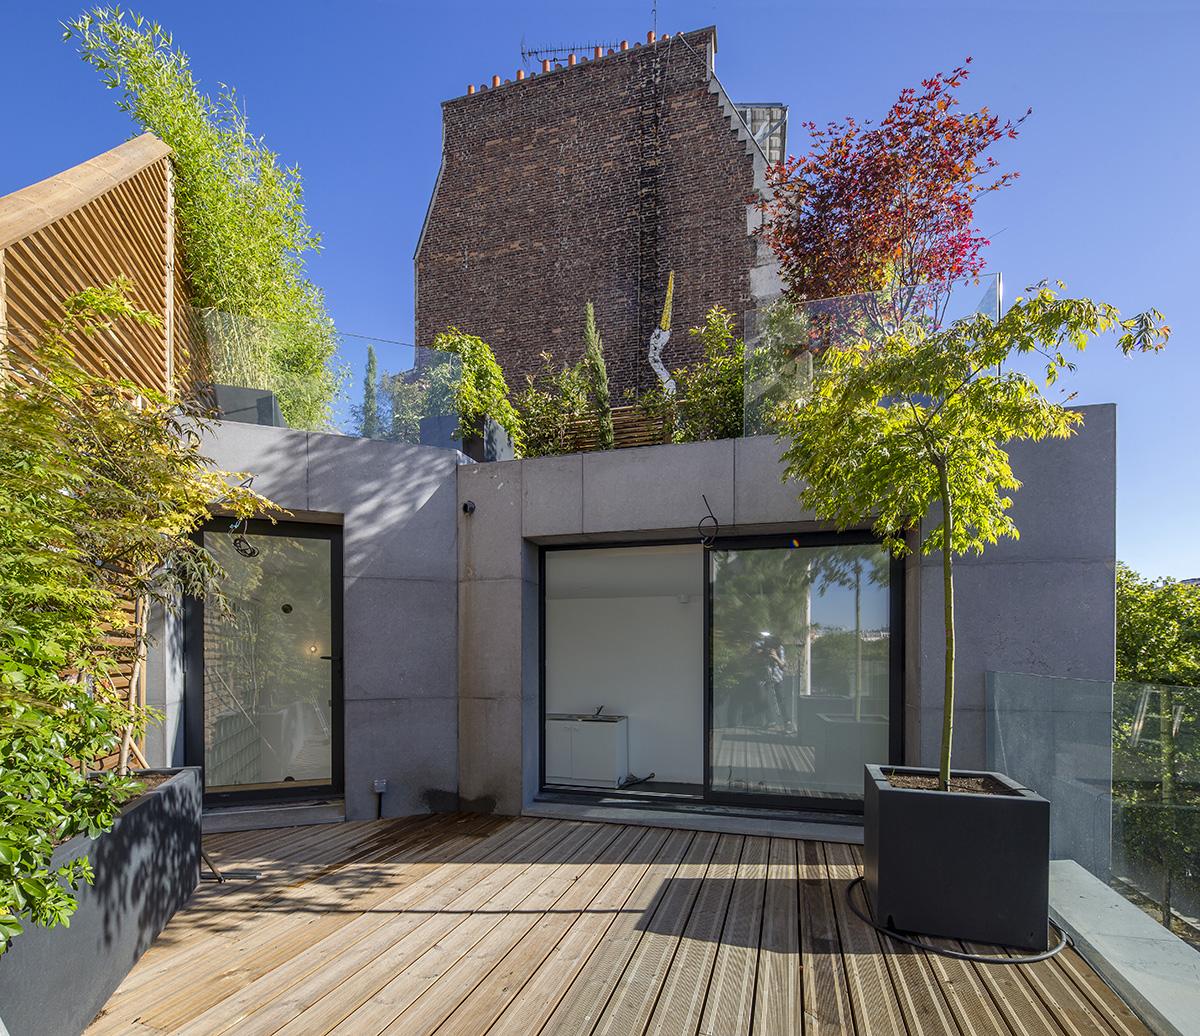 Menuiseries Exterieures Aluminium - Construction d'un immeuble comprenant deux maisons de ville 1